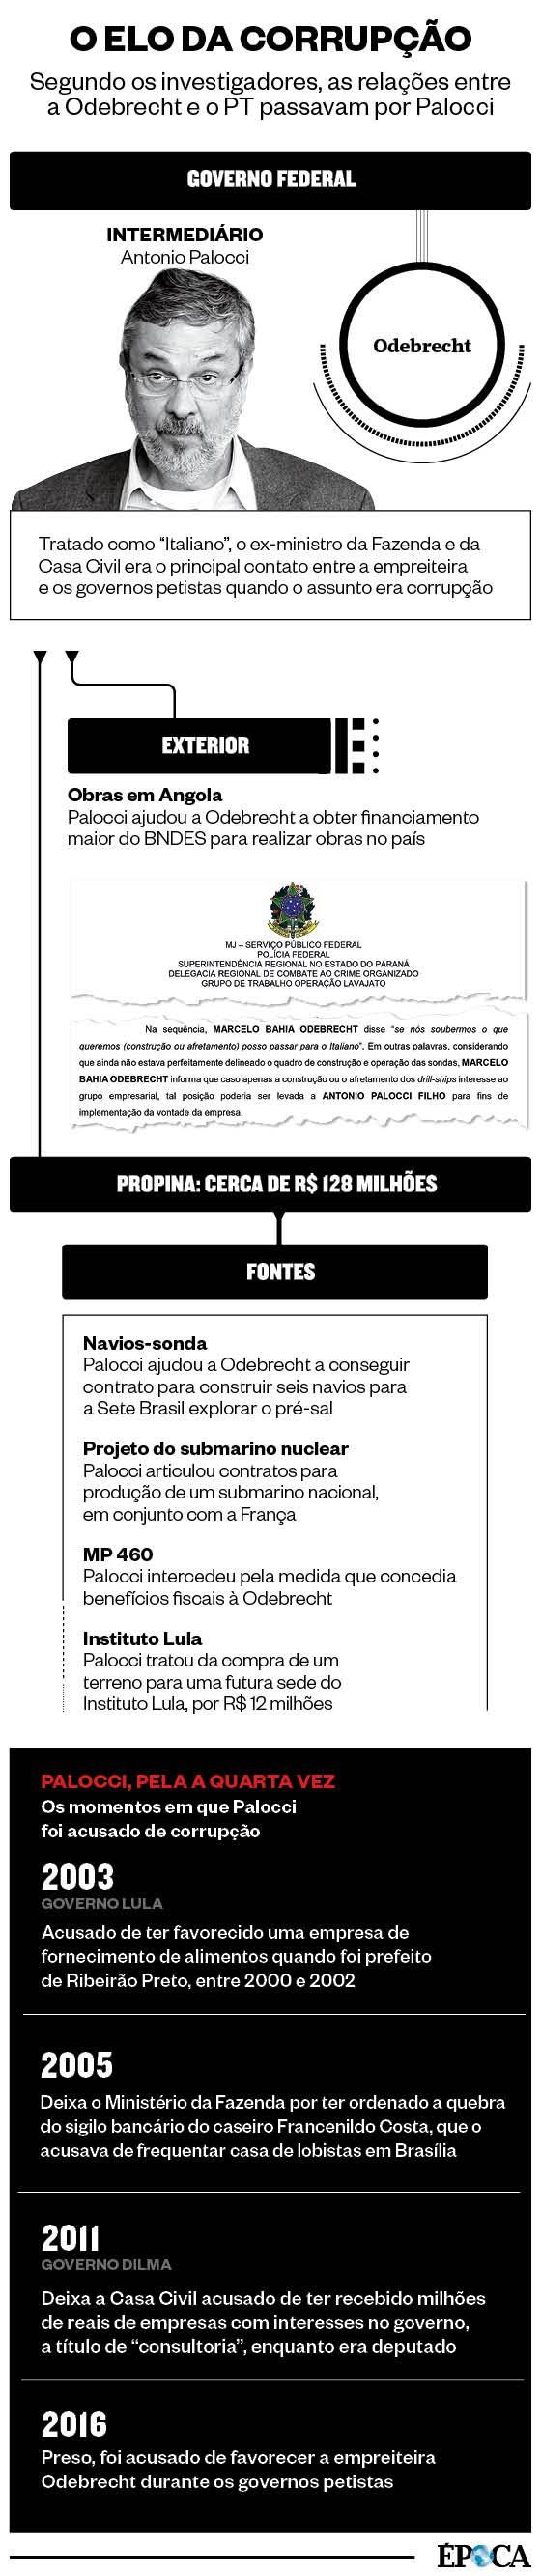 O elo da corrupção (Foto: ÉPOCA)